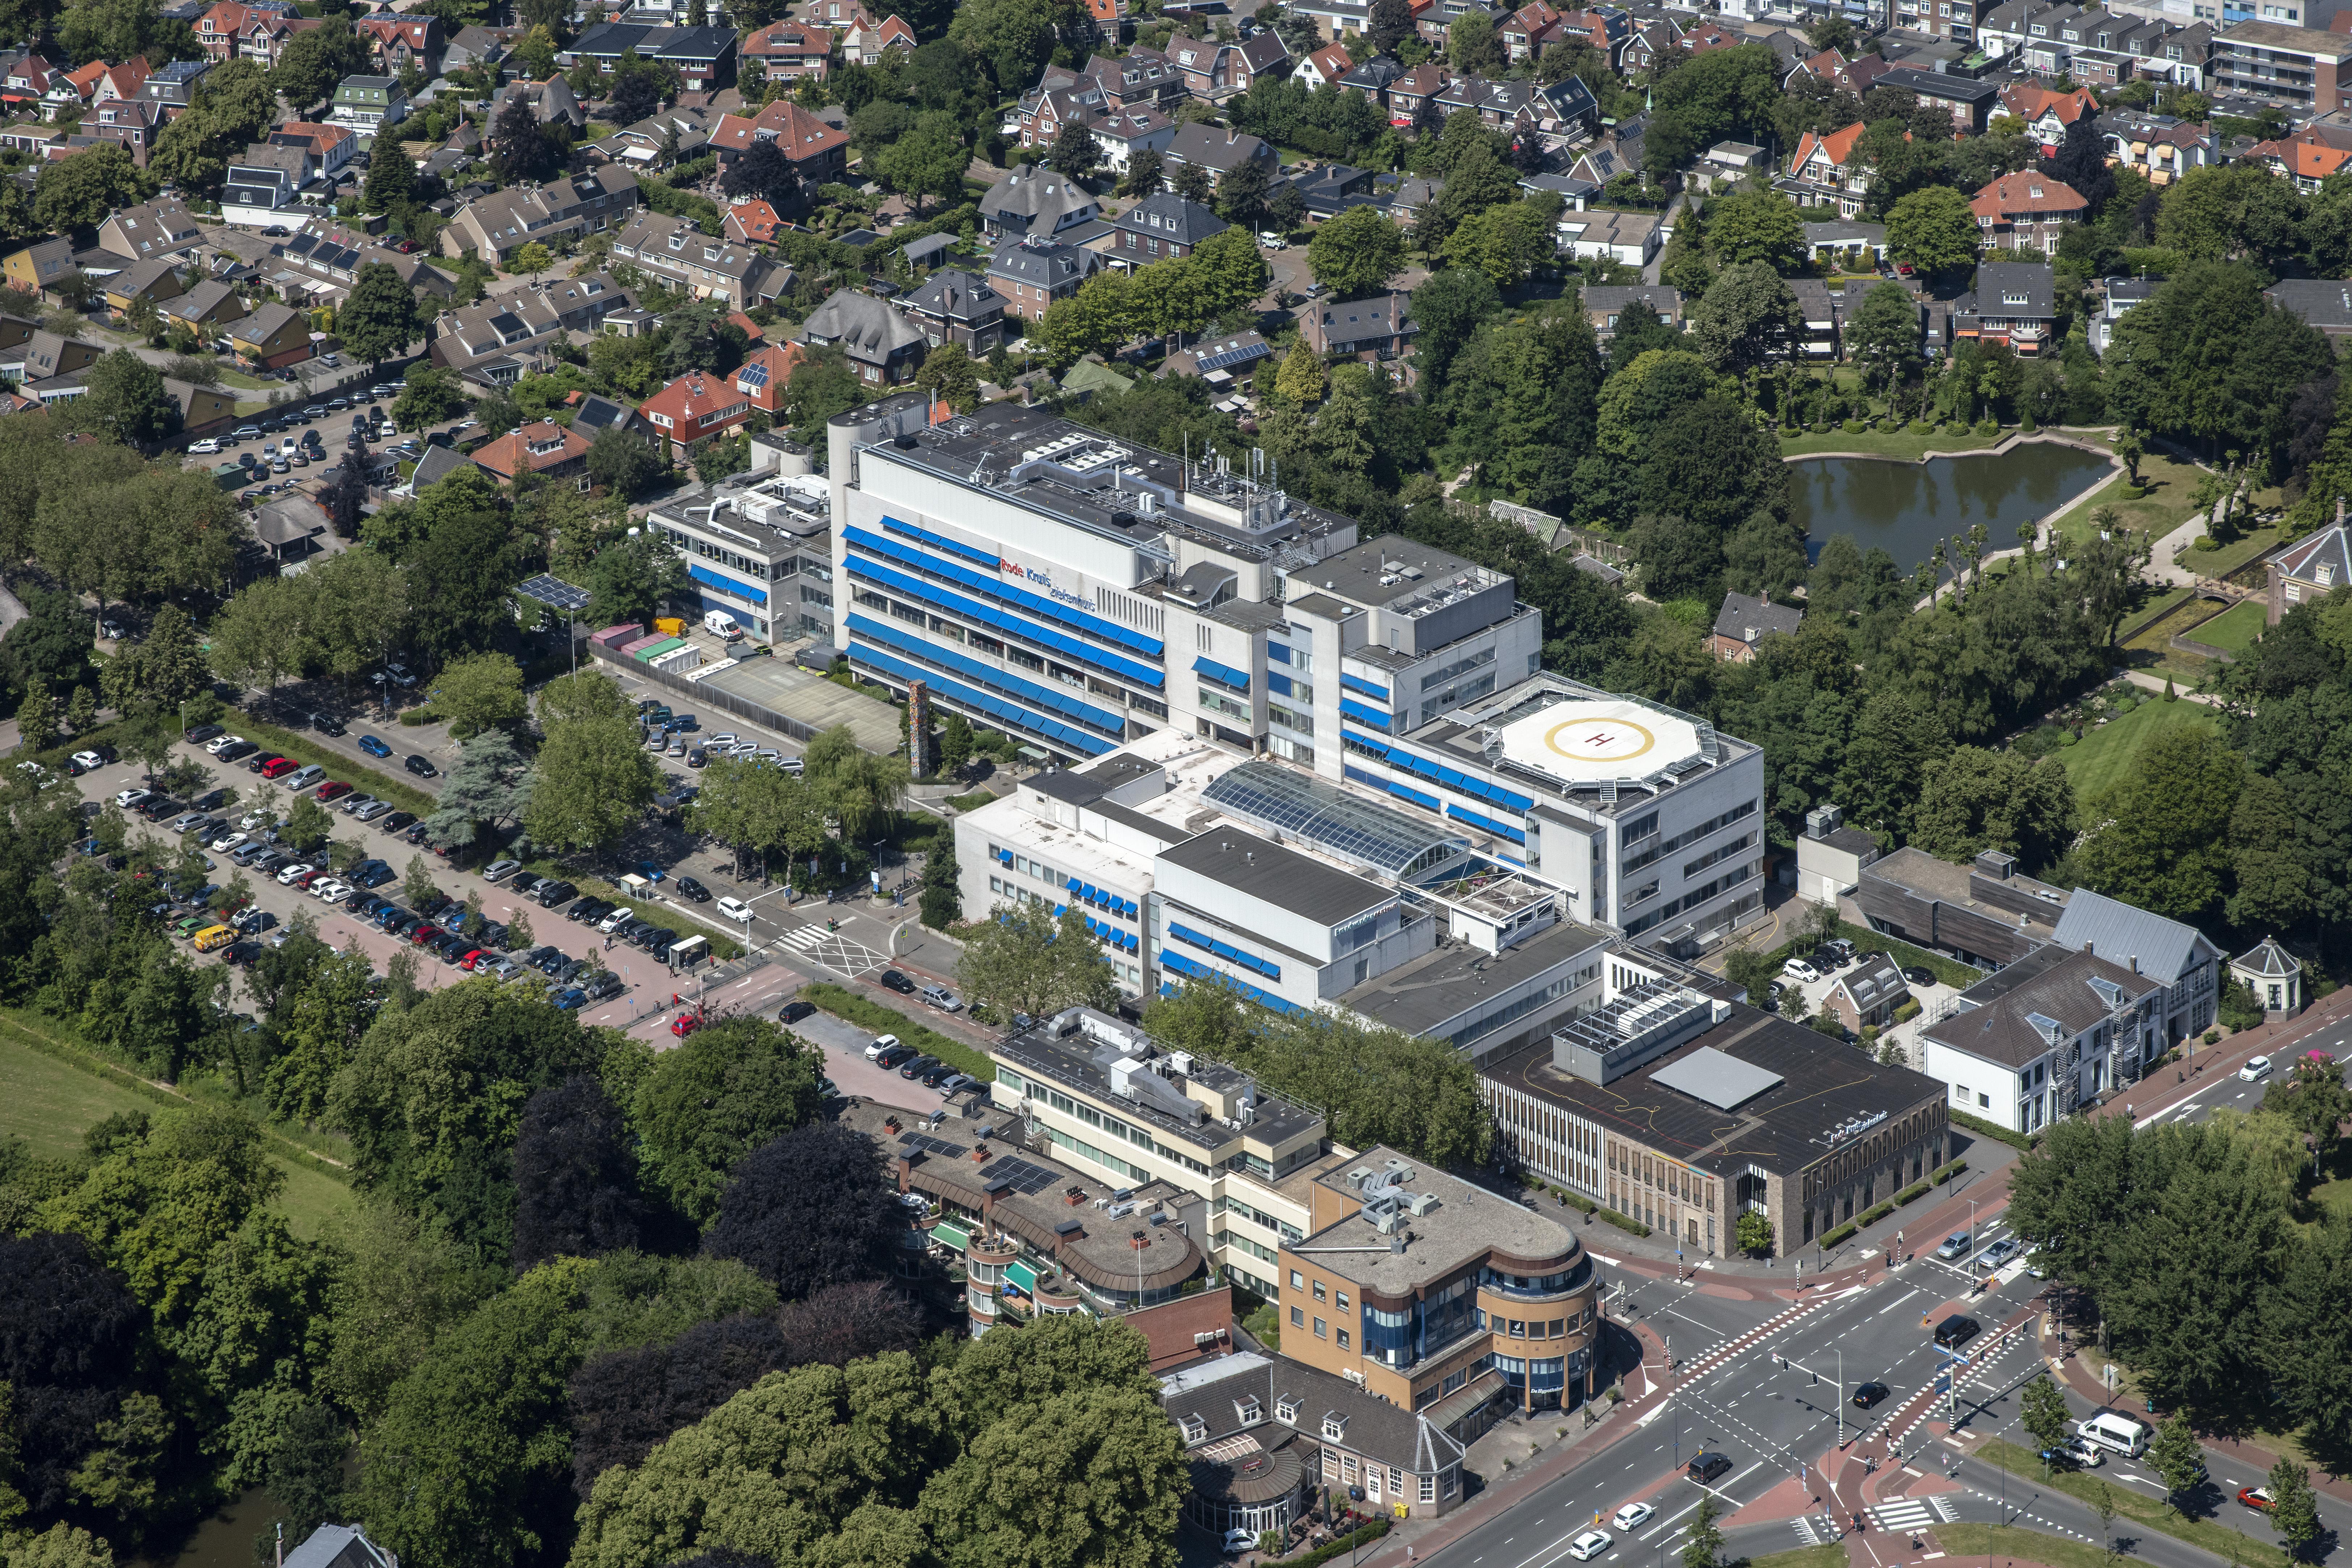 Rode Kruis Ziekenhuis in Beverwijk hoopt na weekeinde weer patiënten op ic's op te kunnen nemen